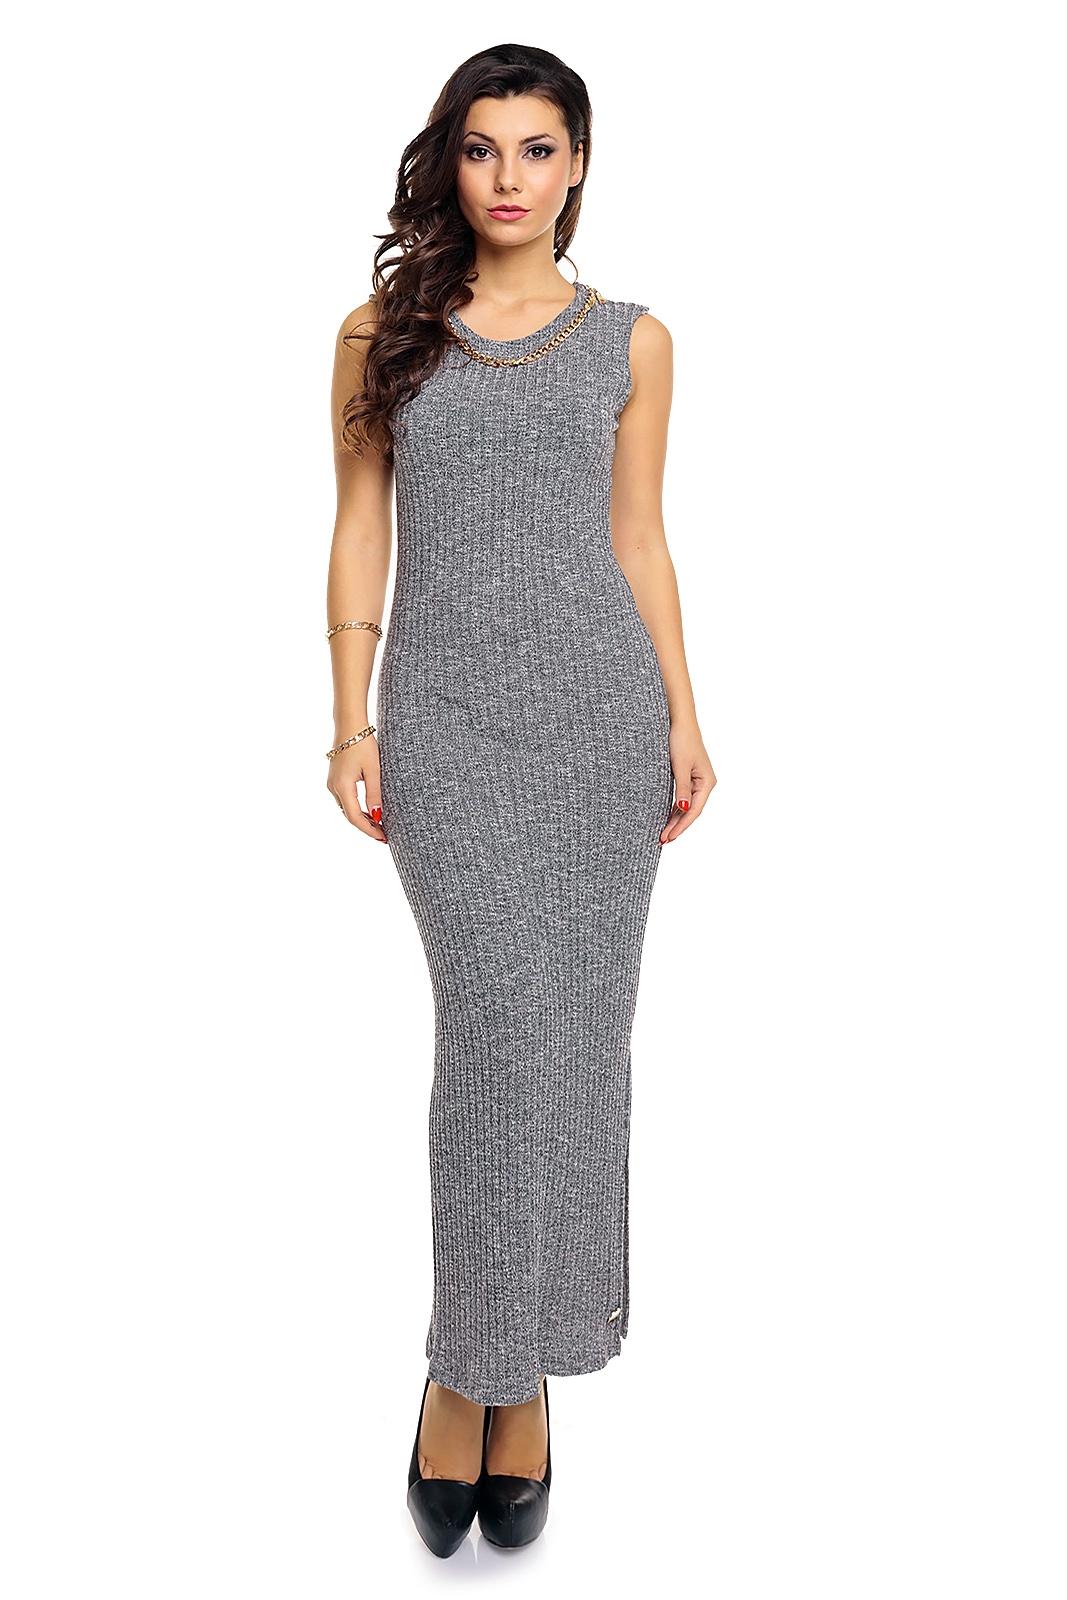 Úpletové dámské maxi šaty Emma Ashley 2498 šedá (Dámské šaty)